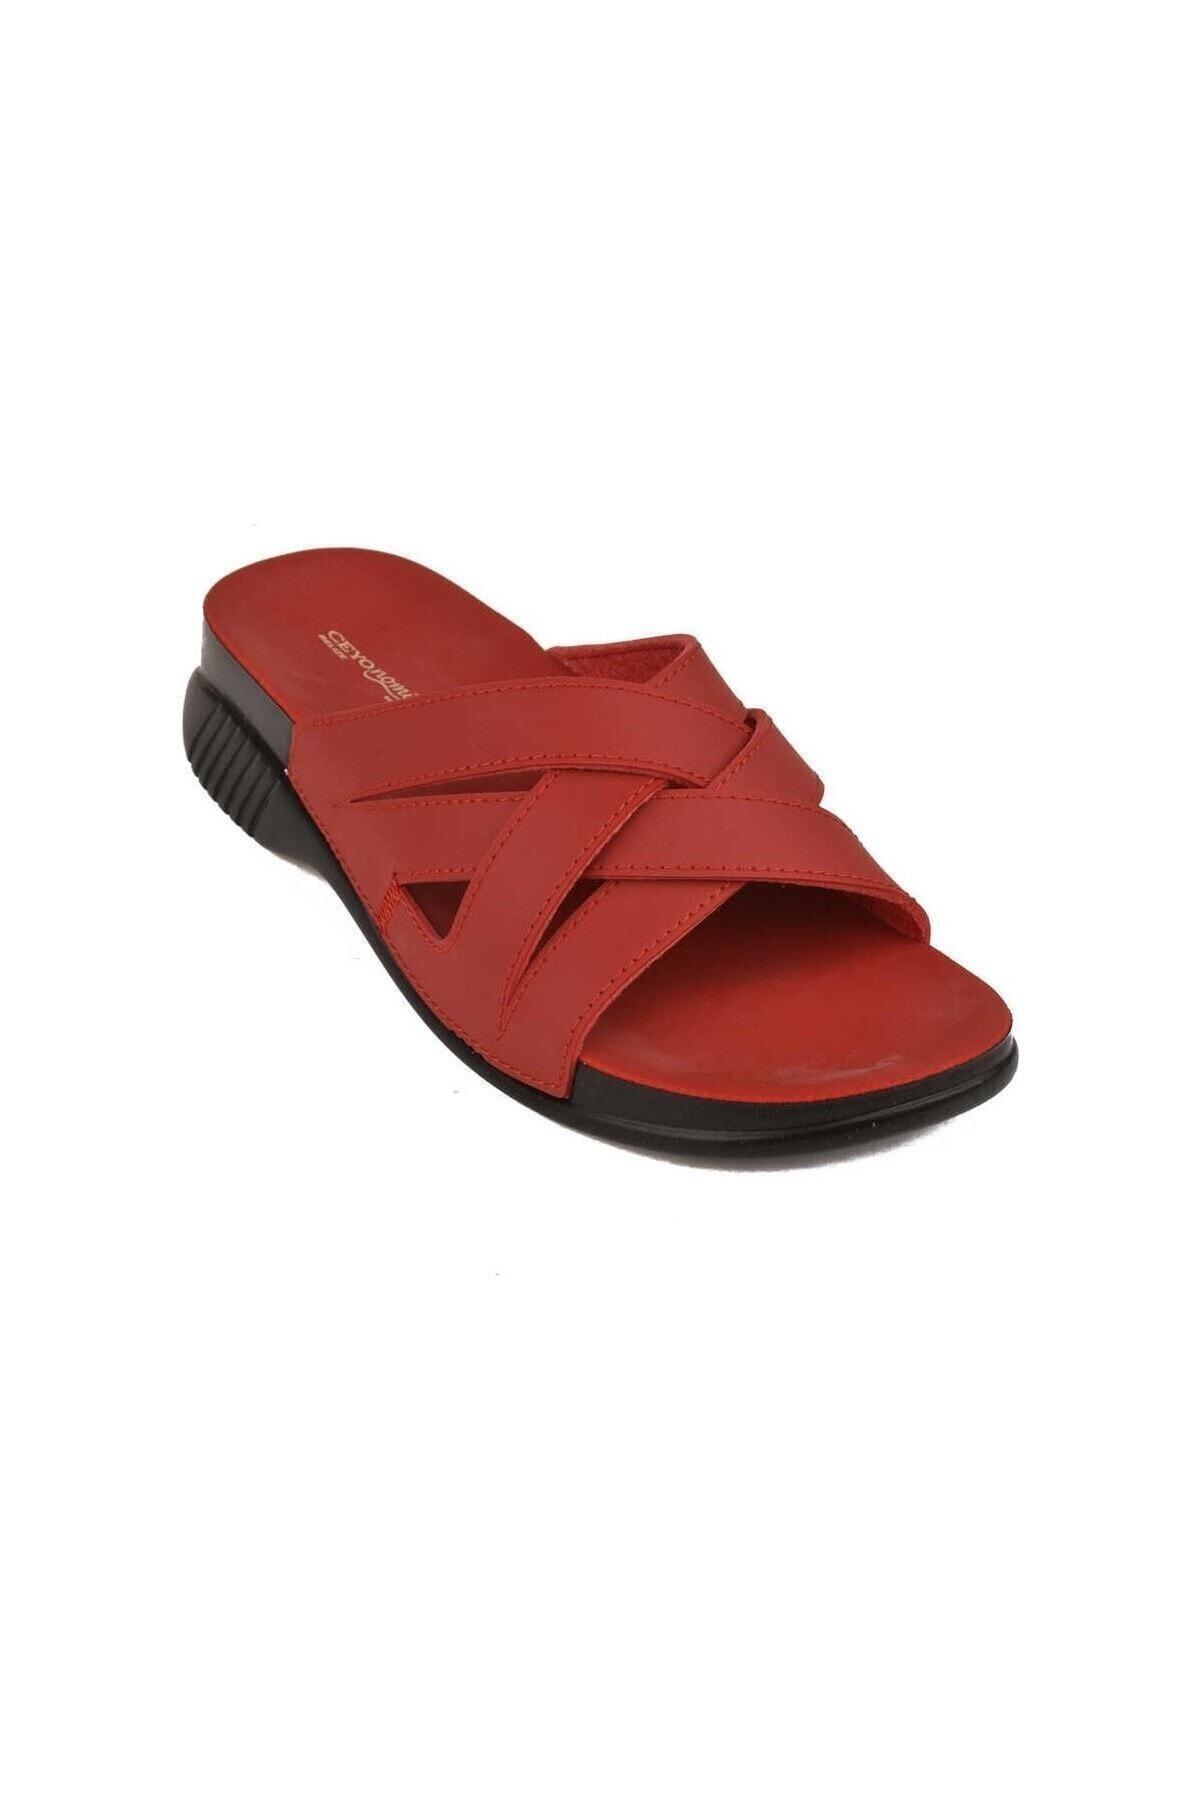 النساء الصنادل الكريستال بليز-موضة شبشب للصيف داخلي في الهواء الطلق الوجه يتخبط أحذية الشاطئ النعال الإناث منصة عادية